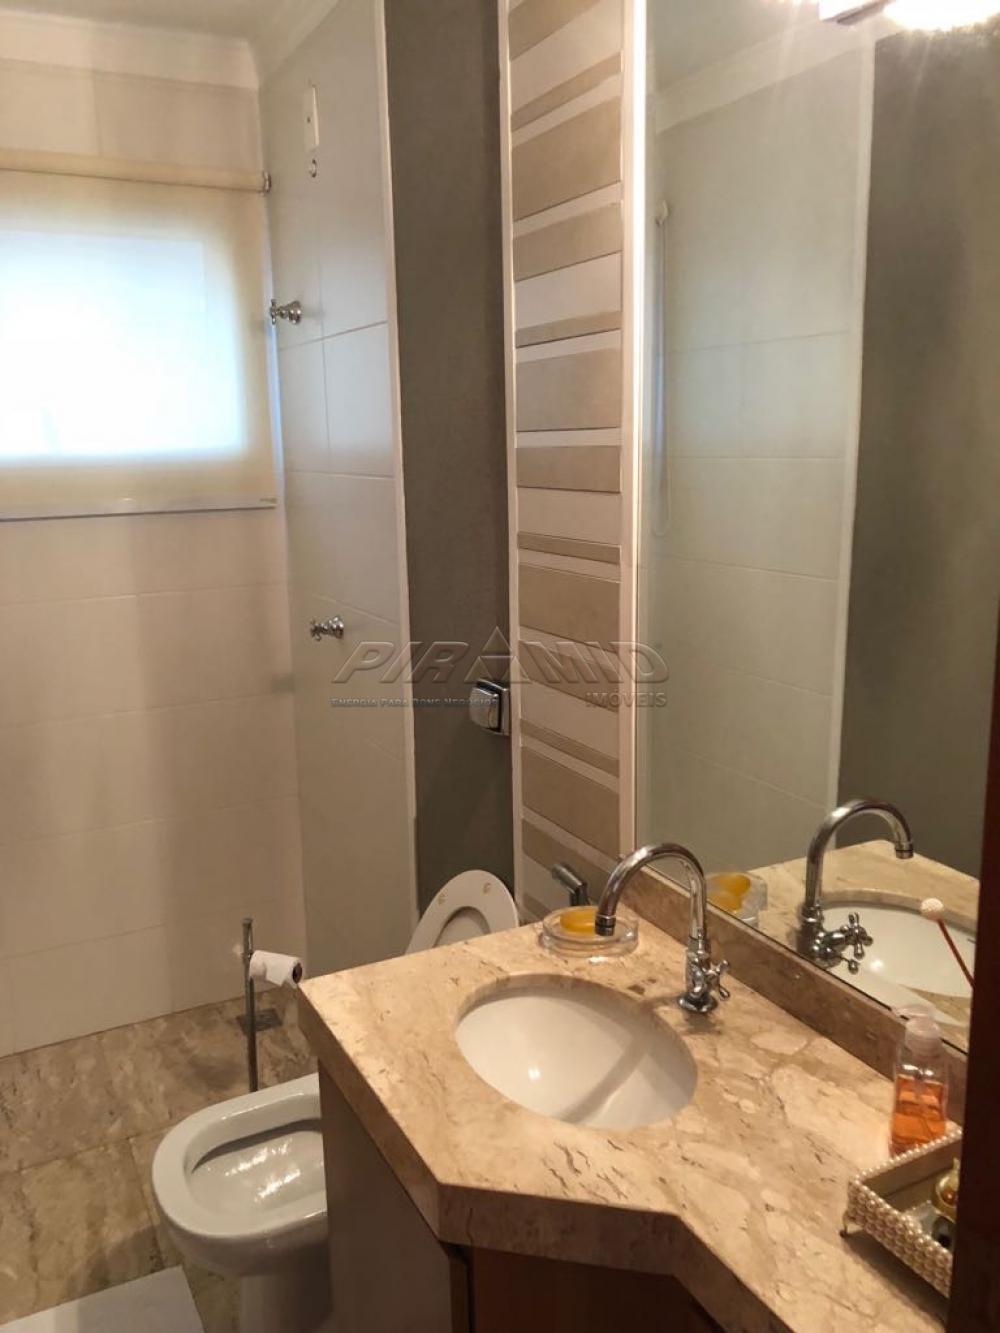 Comprar Casa / Condomínio em Bonfim Paulista apenas R$ 1.600.000,00 - Foto 4